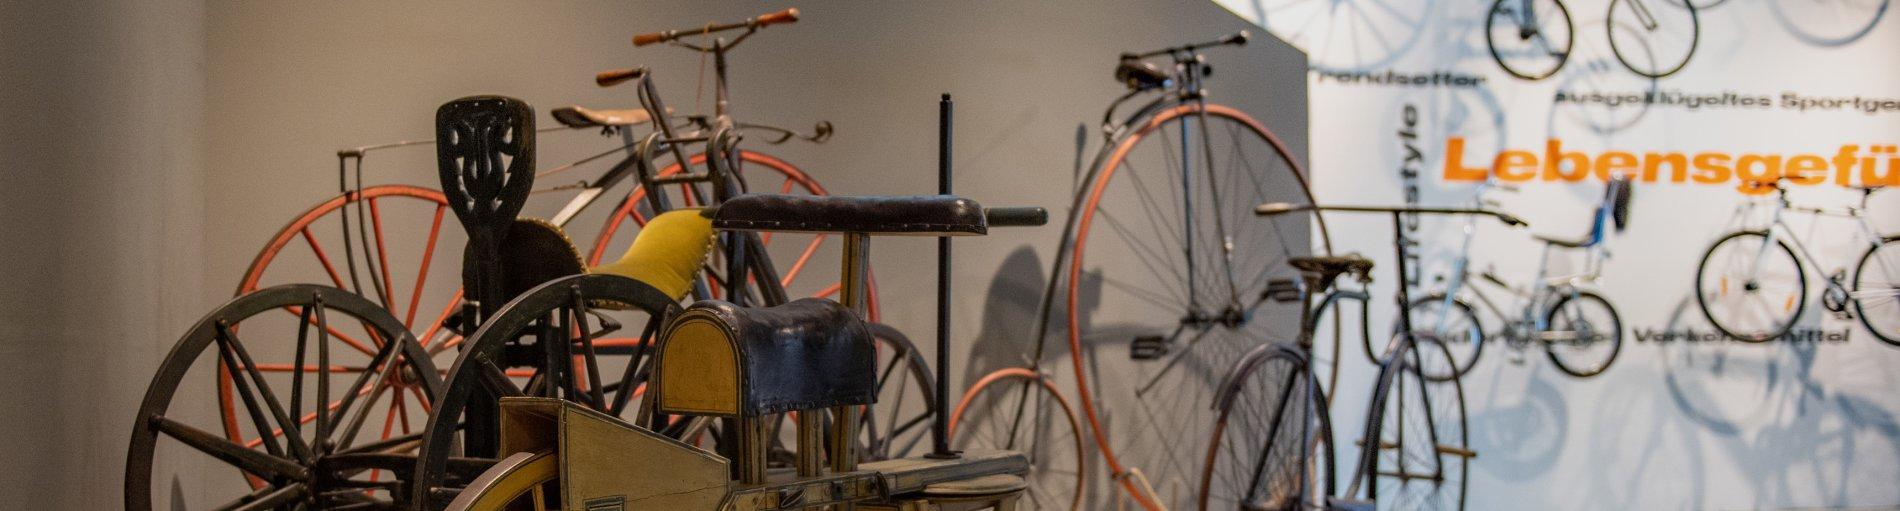 Verschiedene Fahrräder